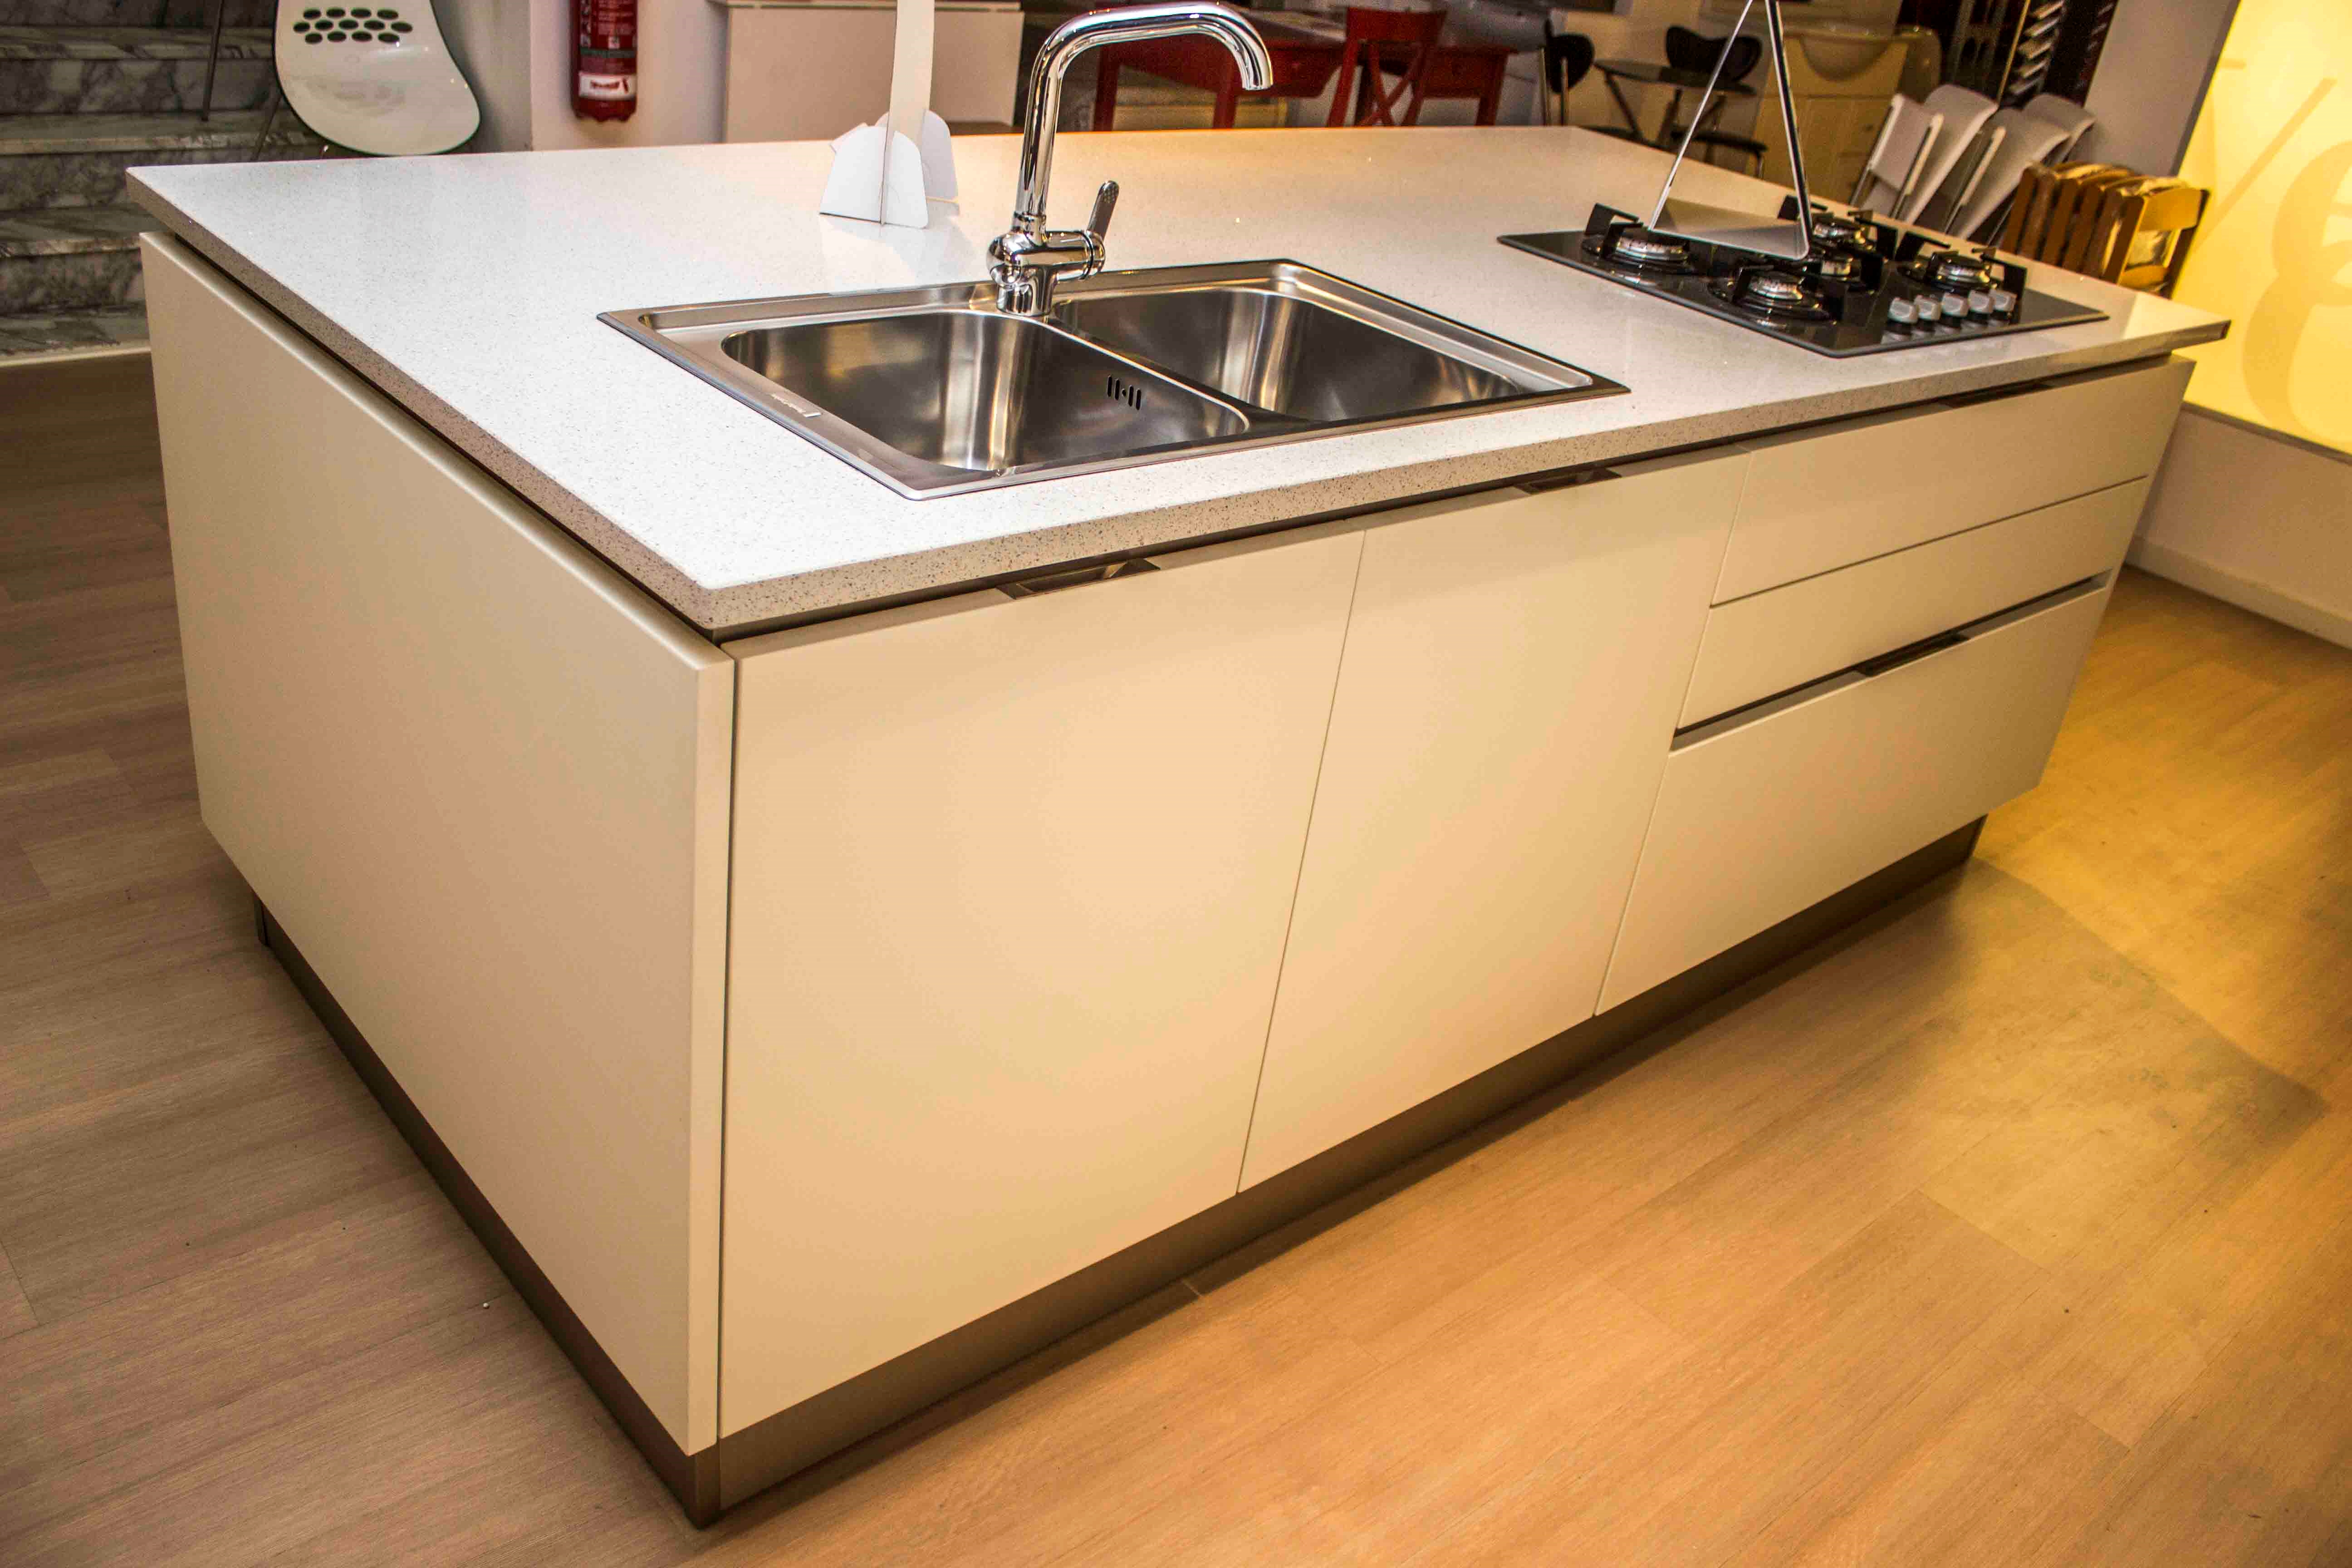 Veneta cucina sottocosto per svuotatutto negozio cucine for Cucine sottocosto